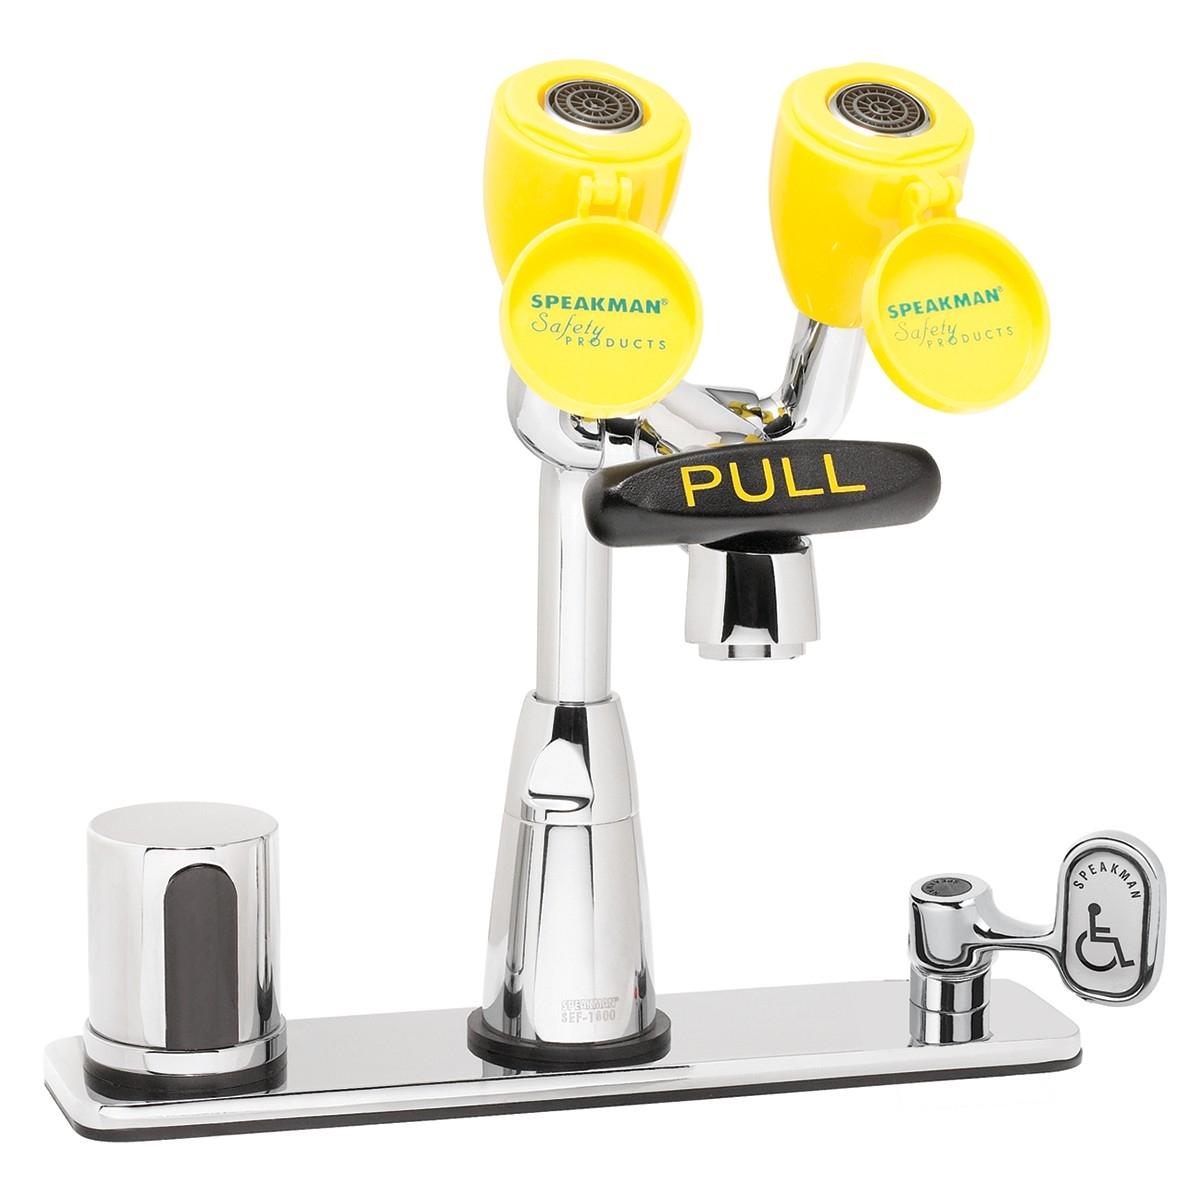 Ideas, speakman eyewash faucets speakman for size 1200 x 1200  .